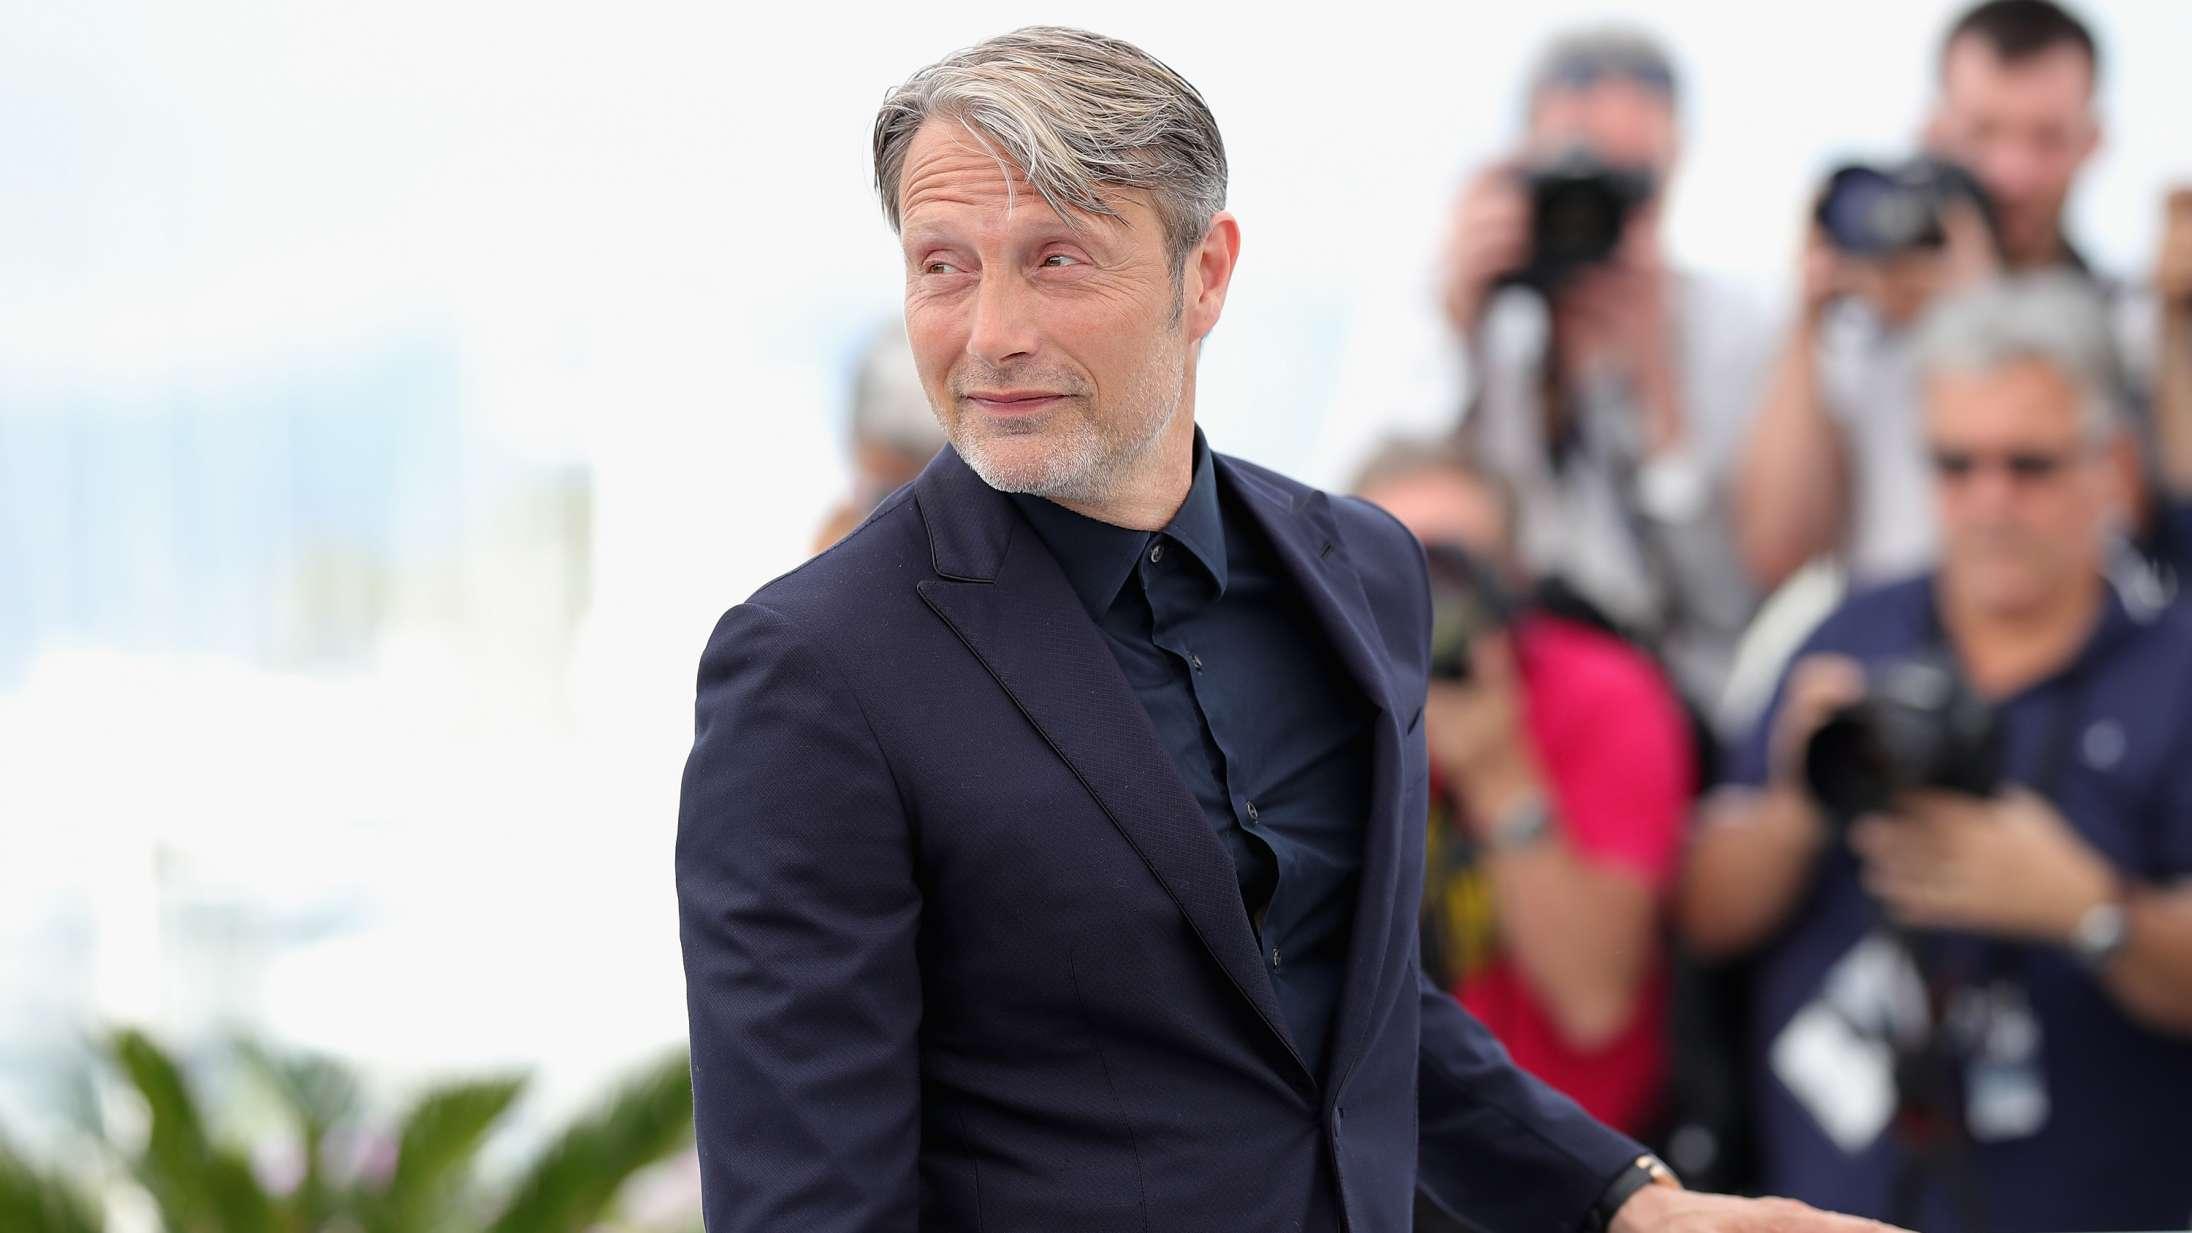 Så er det officielt: Mads Mikkelsen bekræftet som Johnny Depps afløser i 'Fantastiske skabninger 3'